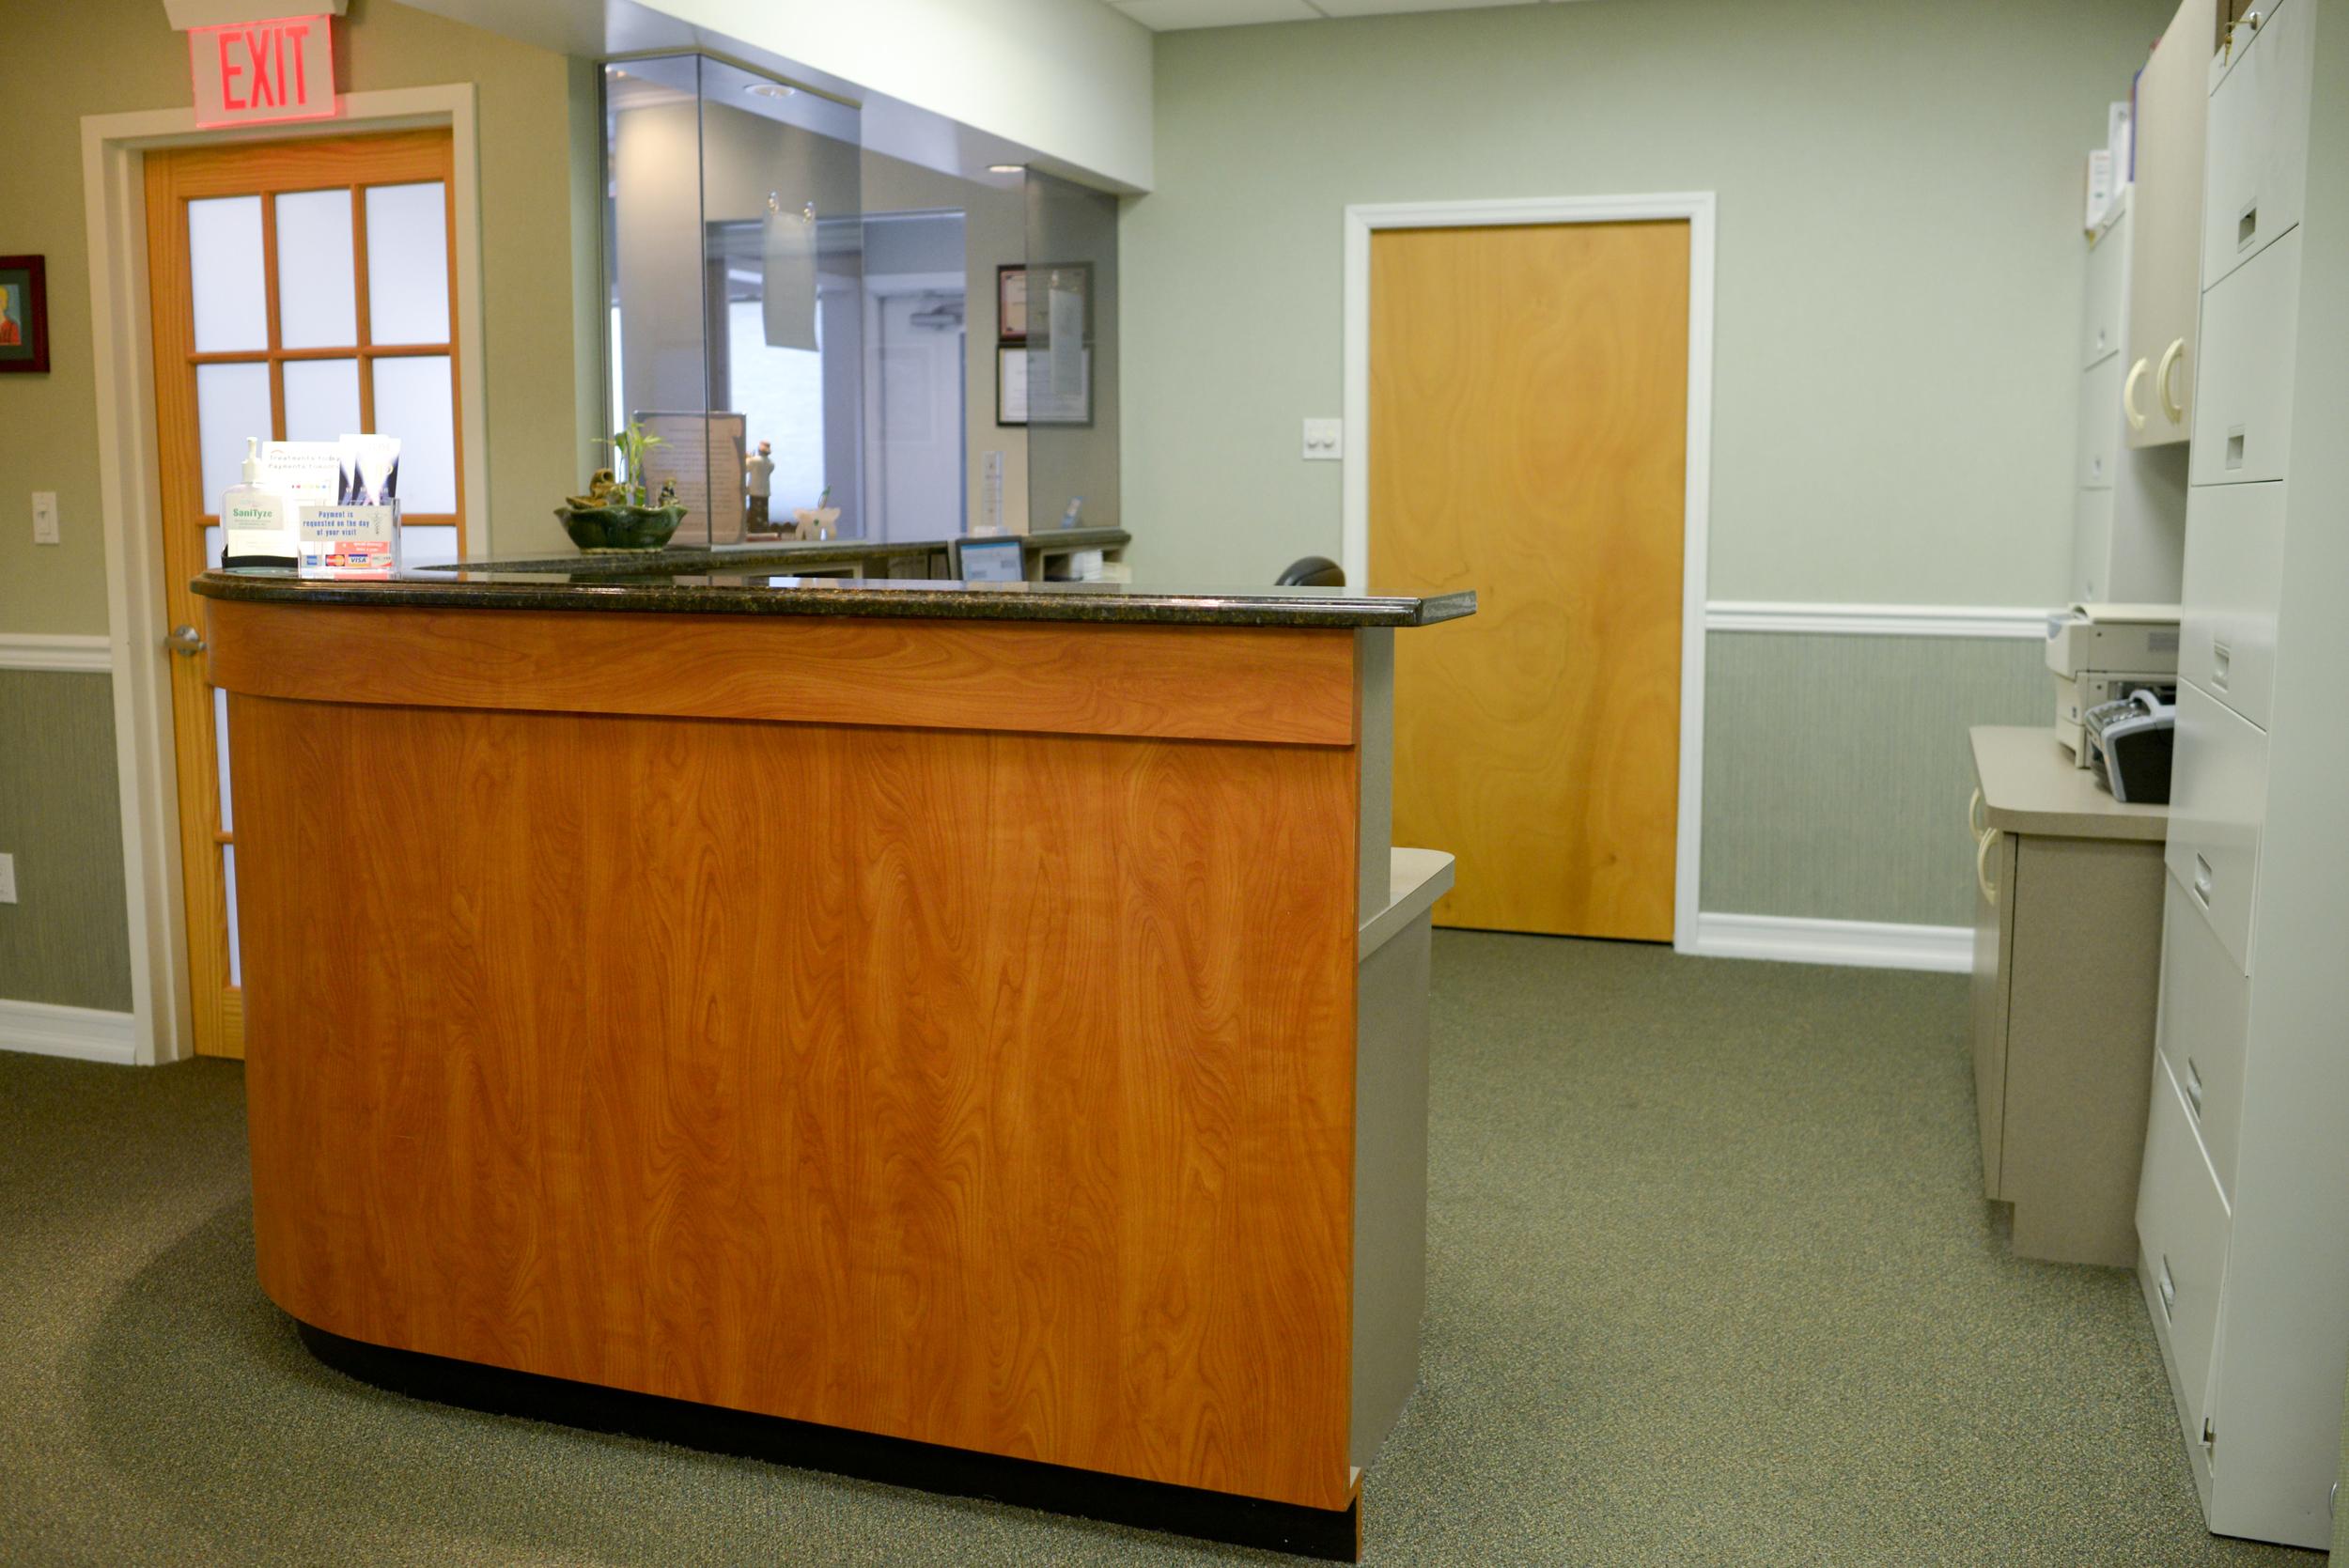 dr-matlach-front-desk.jpg